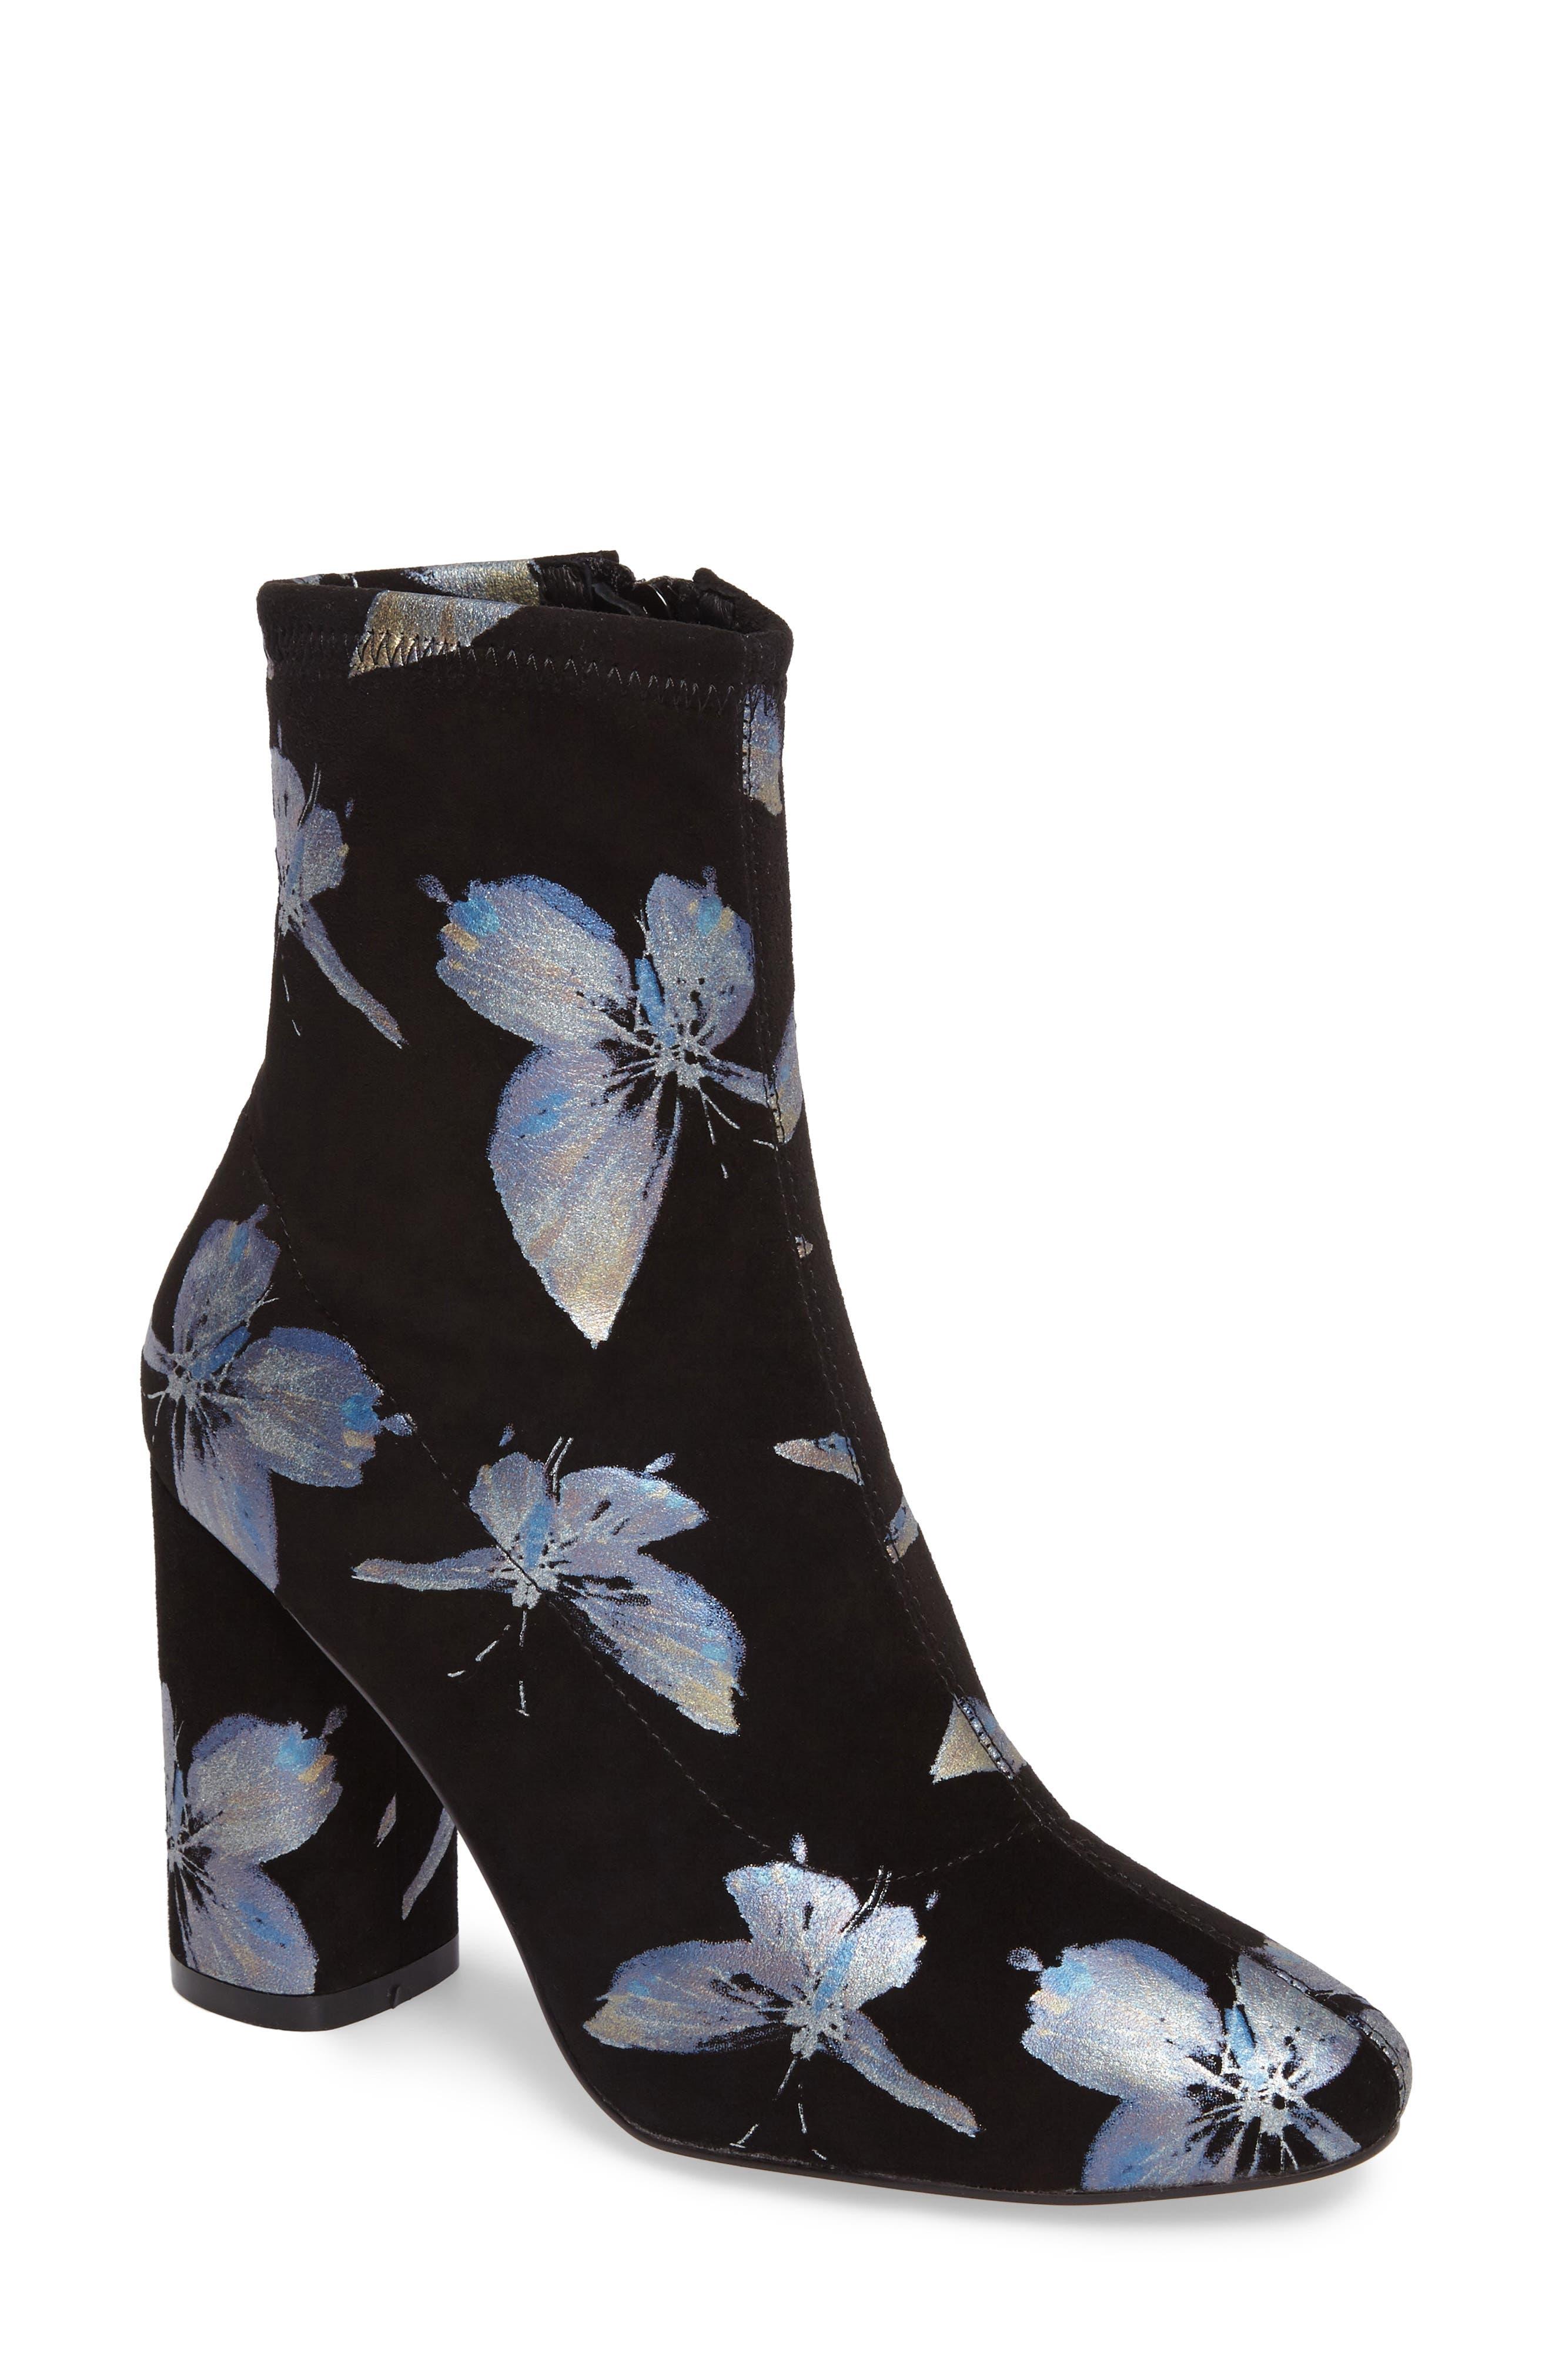 Alternate Image 1 Selected - Cecelia New York Fredda Butterfly Sock Bootie (Women)